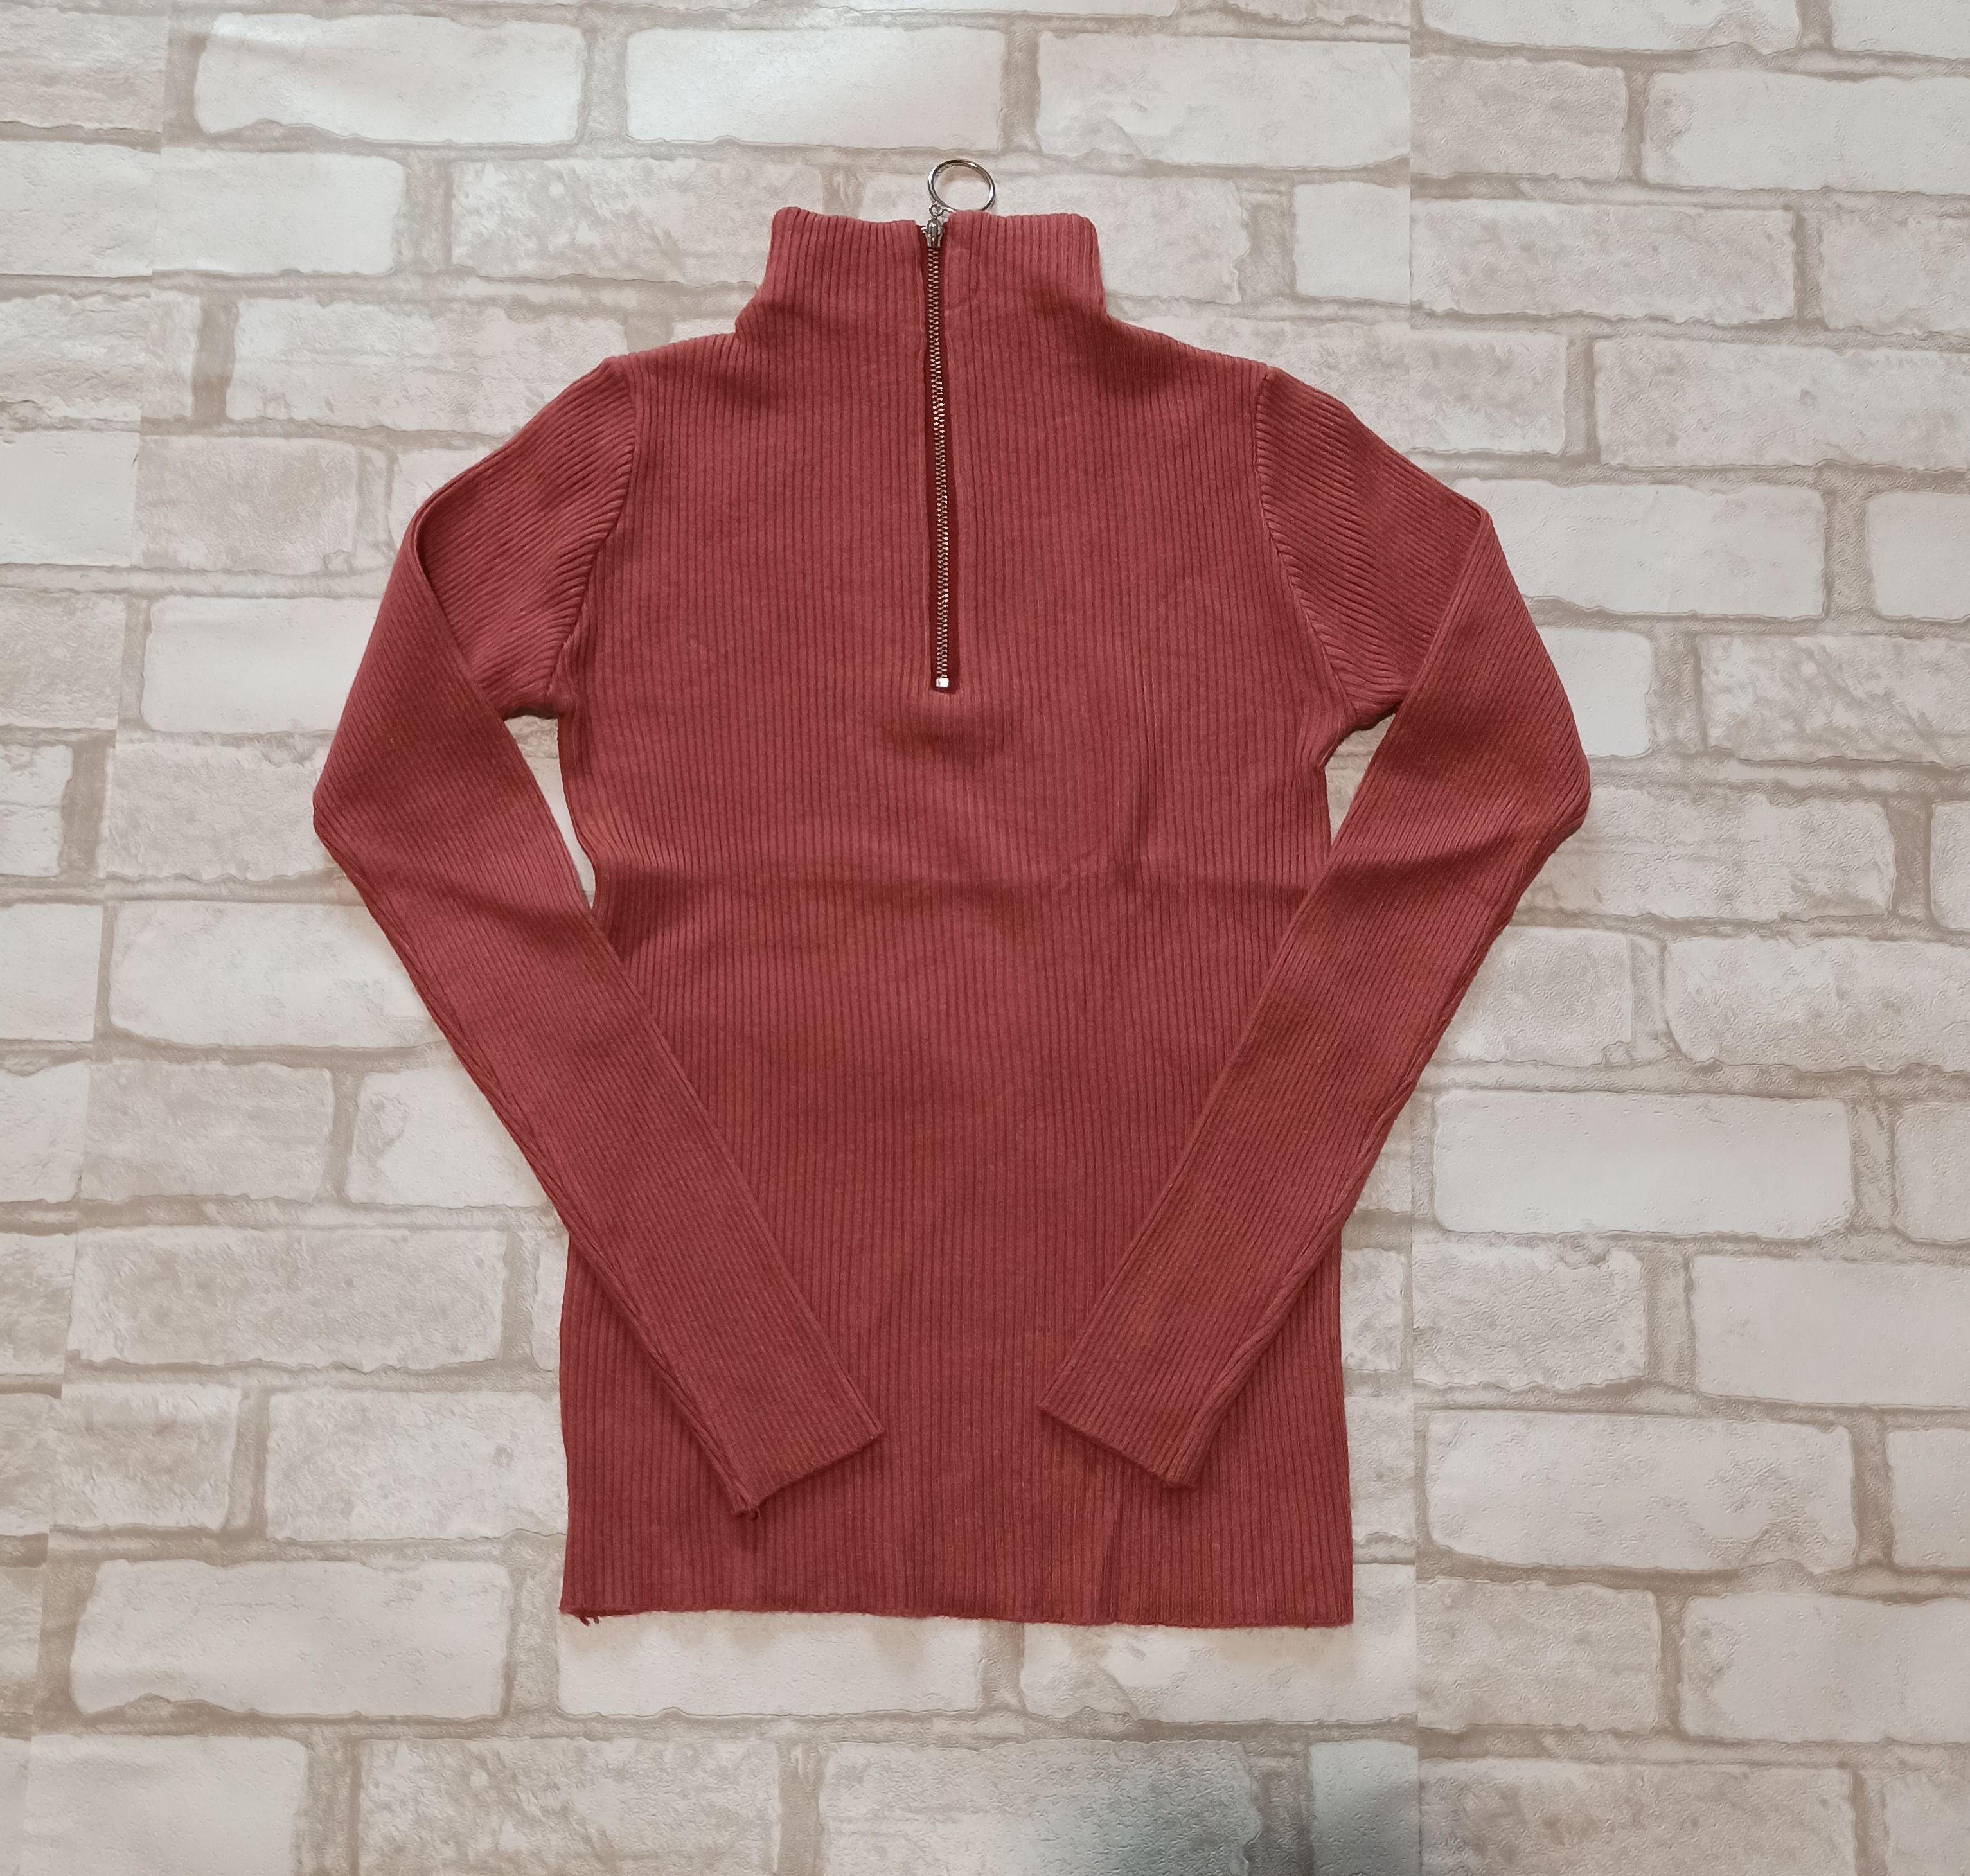 Супер мягкий шикарный гольф пуловер с молнией. One size -универсальный размер - Фото №4